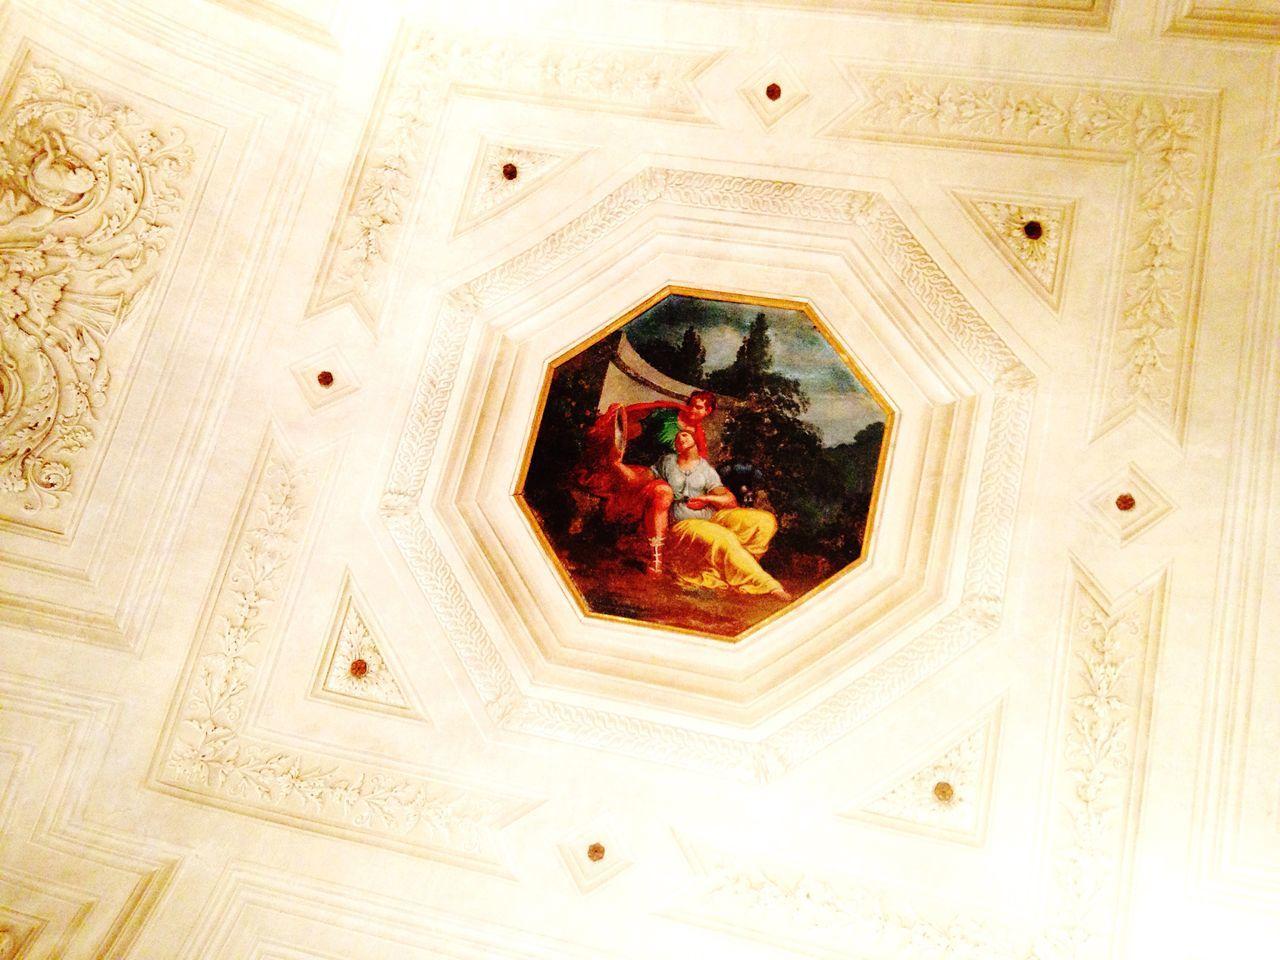 Villa La Rotonda Sofiavicchi Sofiavicchiconceptdesign Faenza Art Artist NeoClassicism Cultura Massoneria Massoneria Creativa Massonery Masson